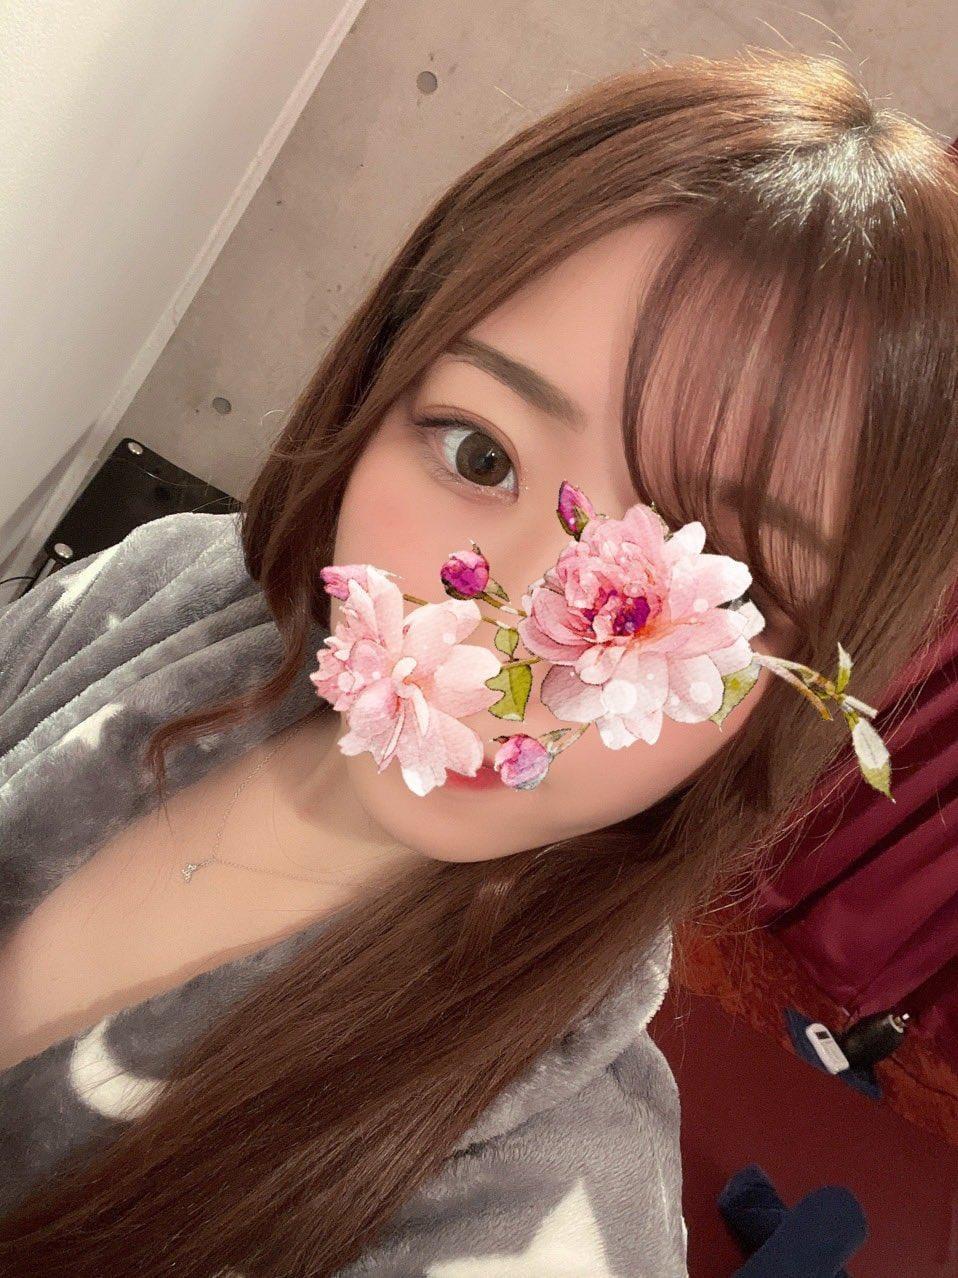 「本日恵比寿です」10/27(水) 11:35   朝比奈れいかの写メ日記